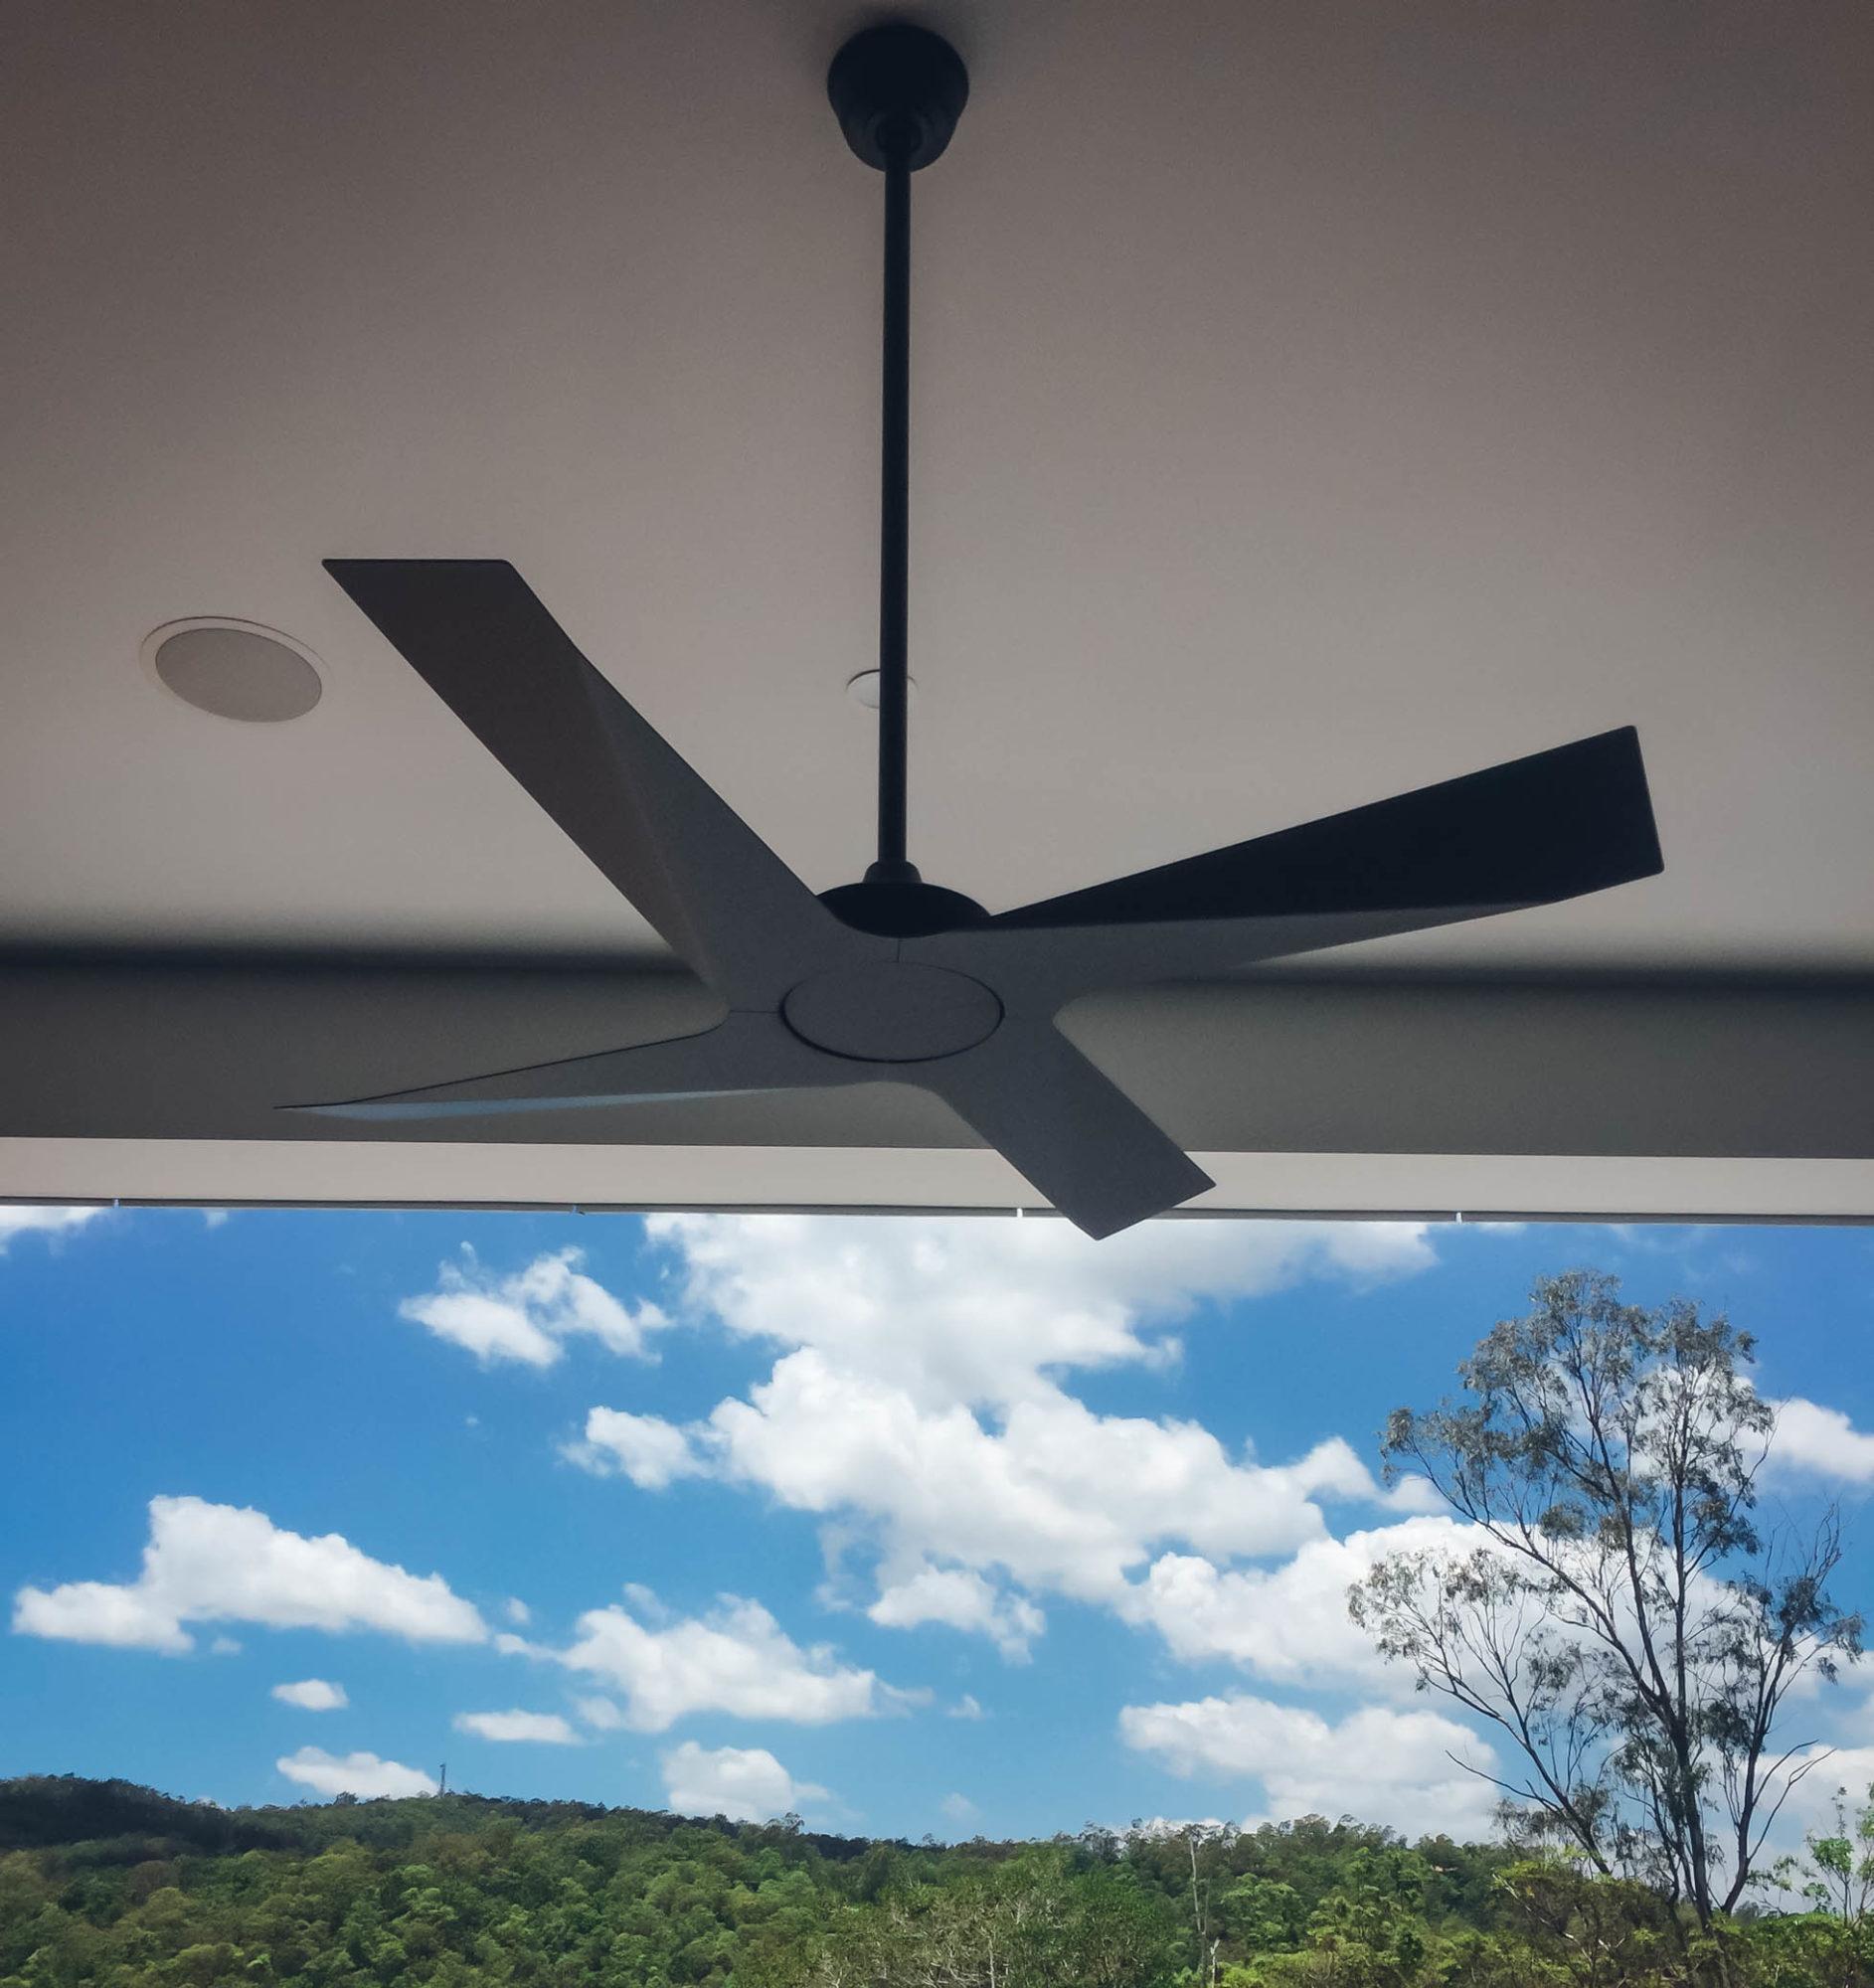 Modn 4 Ceiling Fan 22